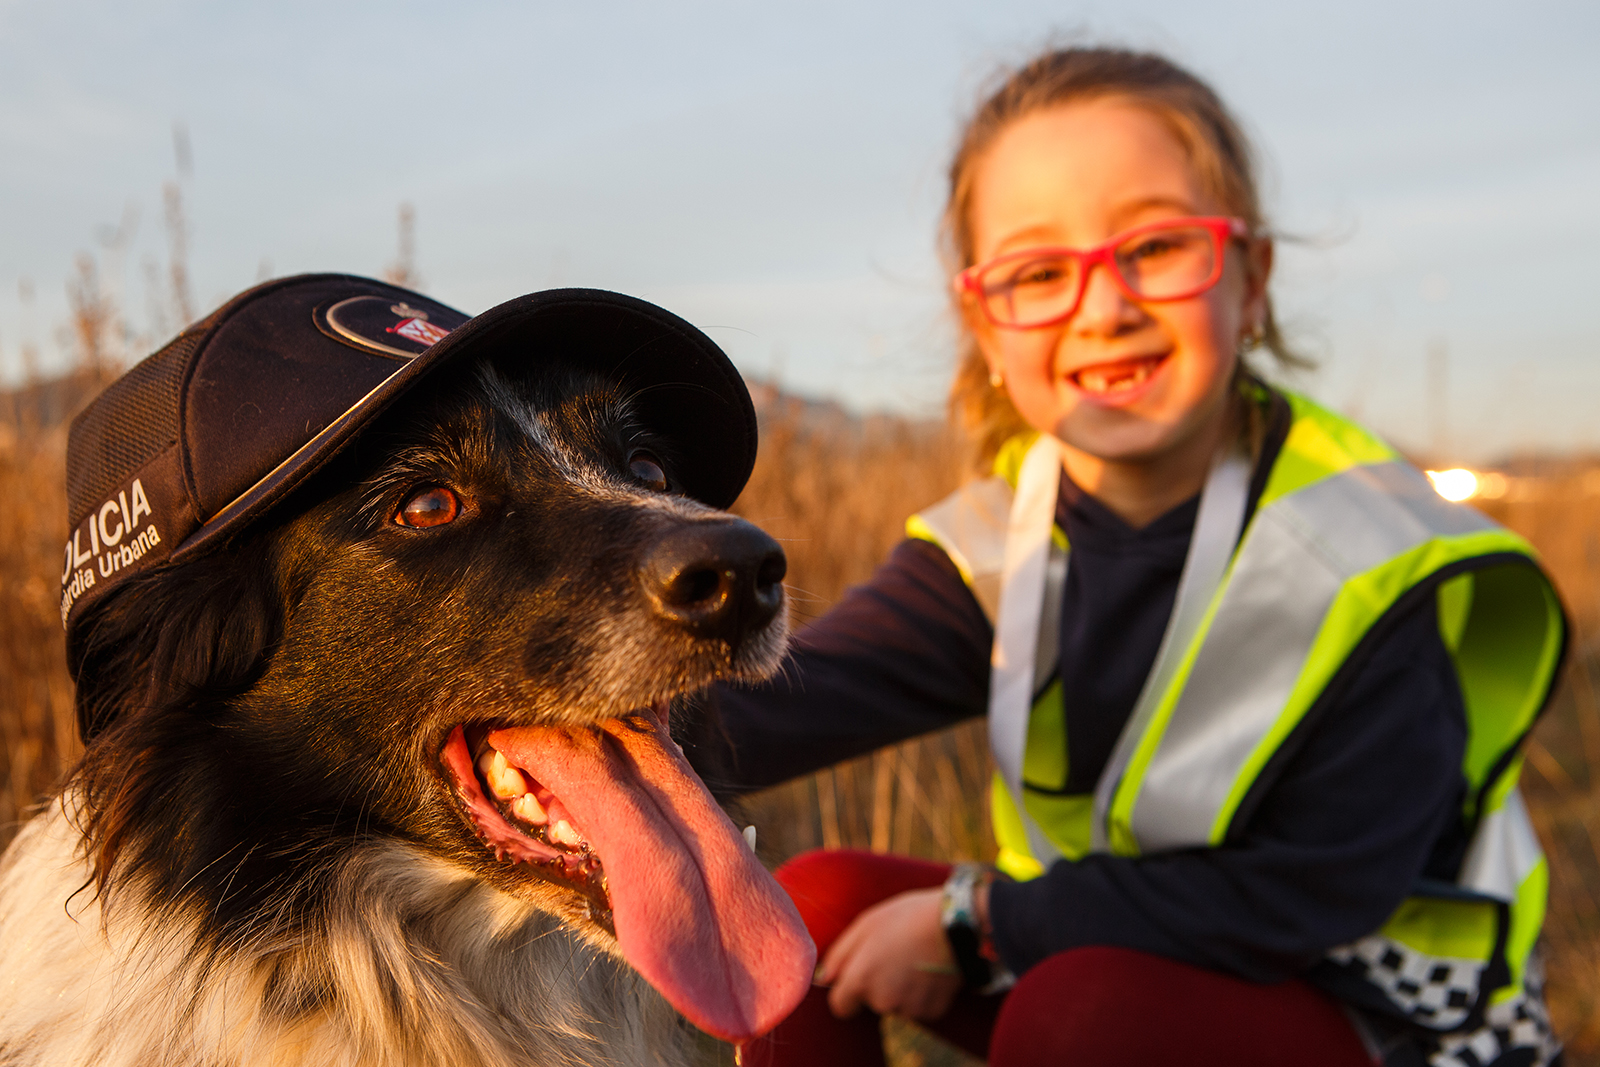 La Cèlia complint el seu somni d'entrenar a en Coco com a gos policia gràcies a la fundació Make-A-Wish i l'ajut de la Guàrdia Urbana de Barcelona